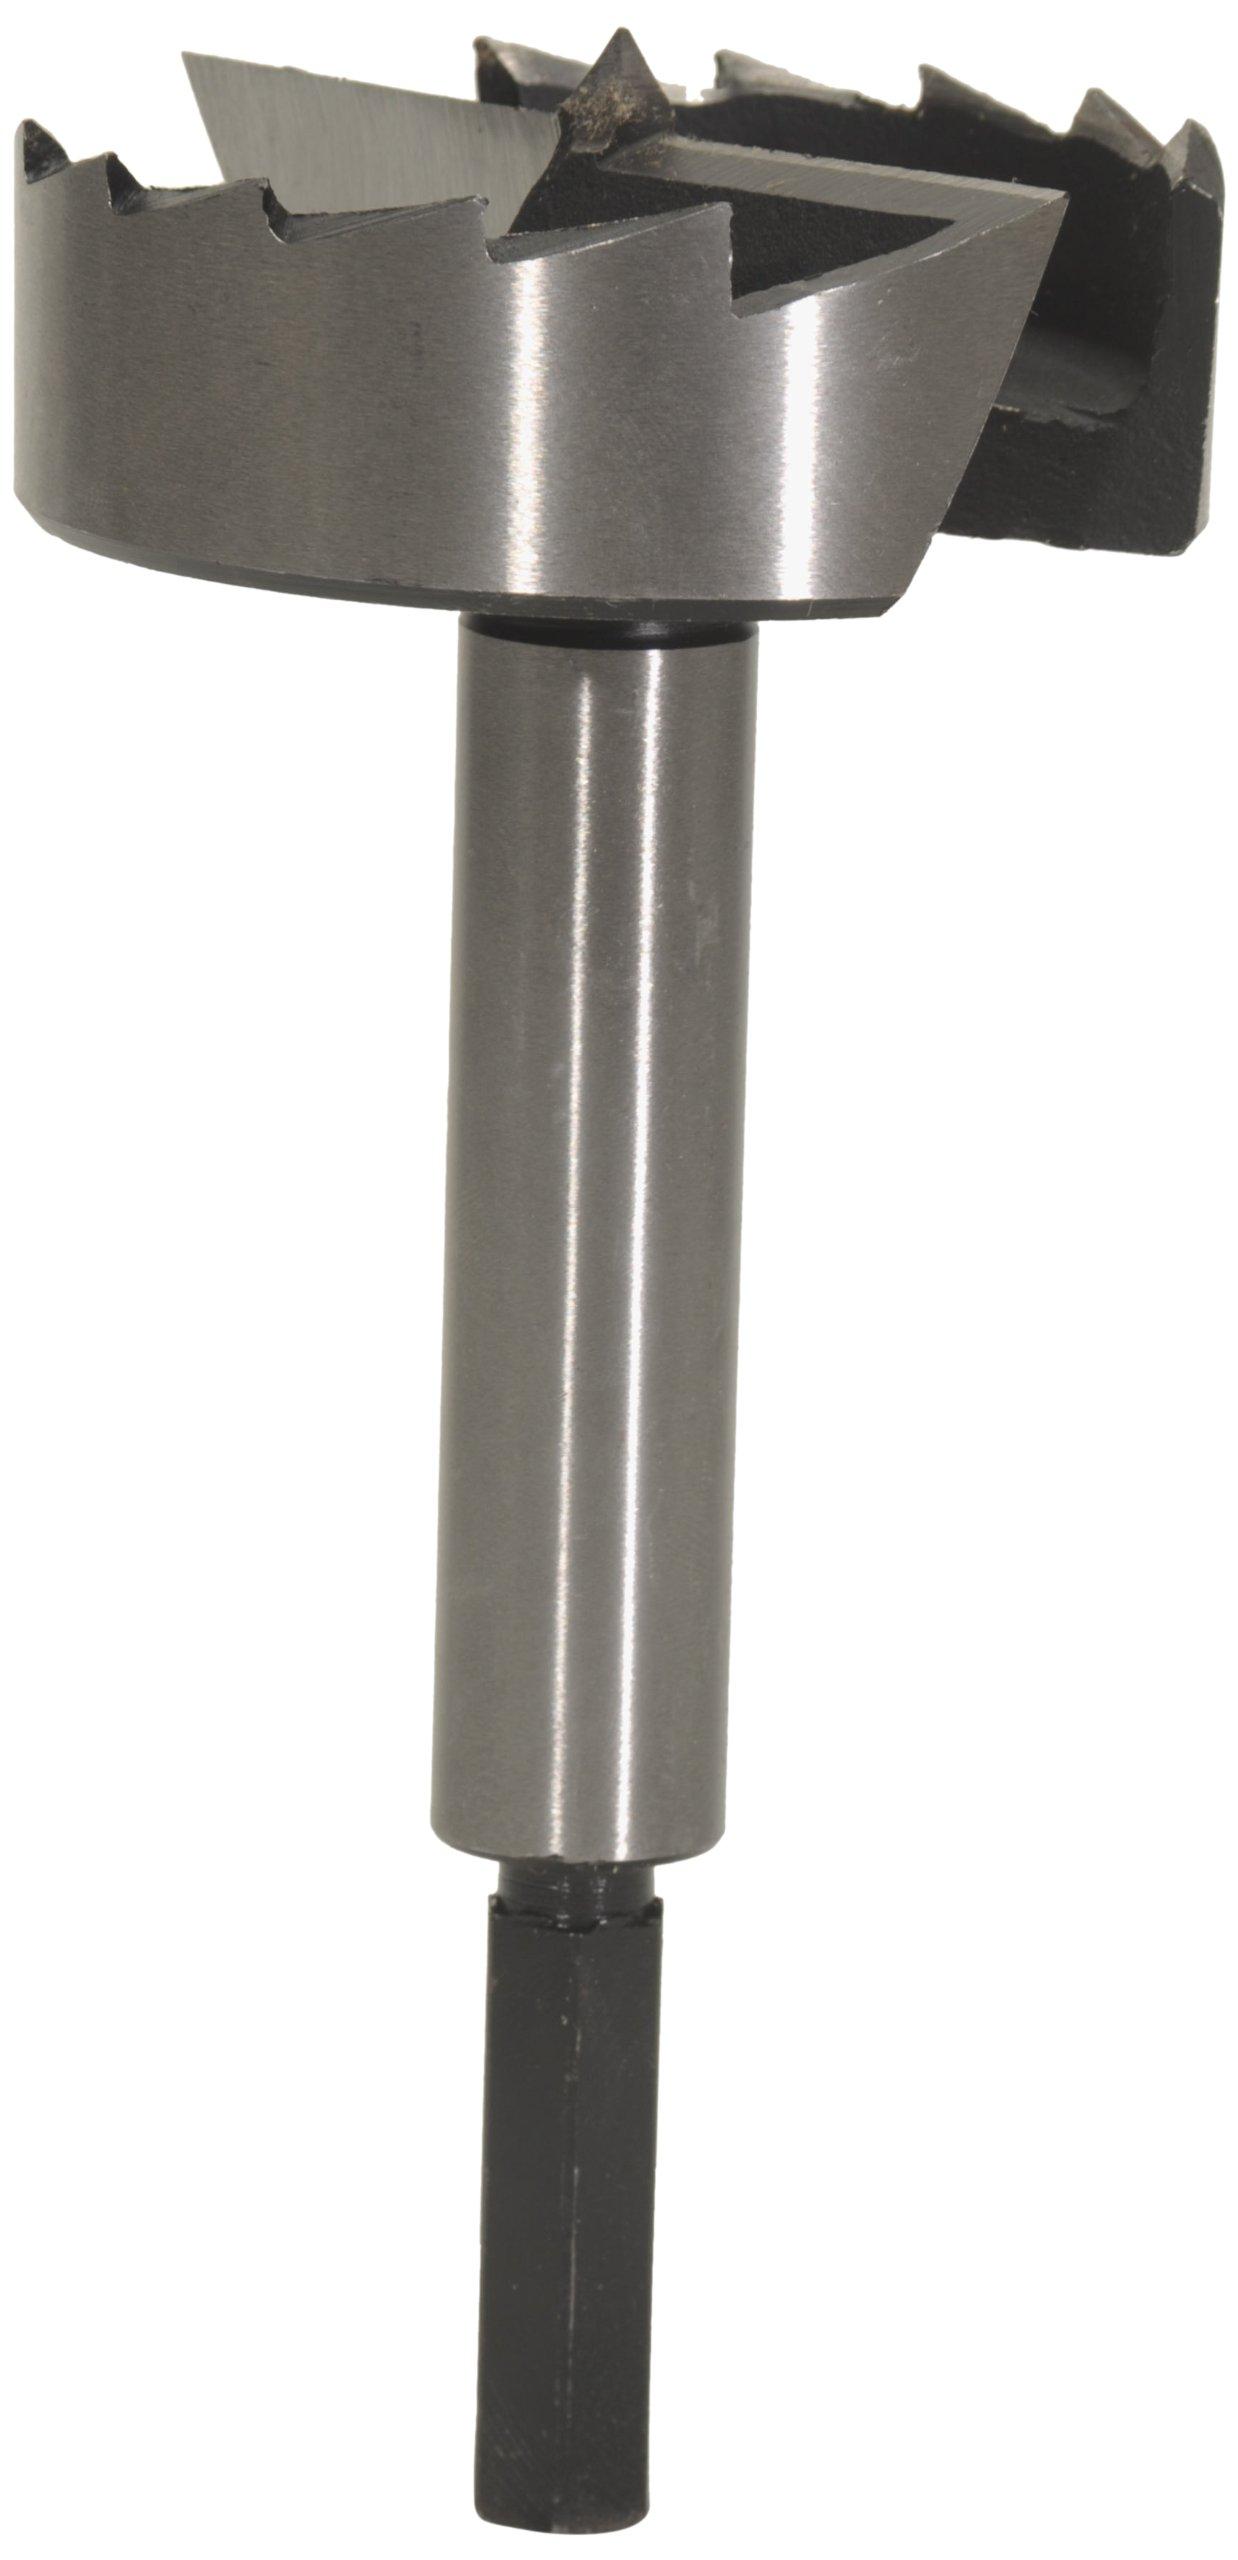 MLCS 9261H 4-Inch Diameter Steel Forstner Bit with Hex Shank by MLCS